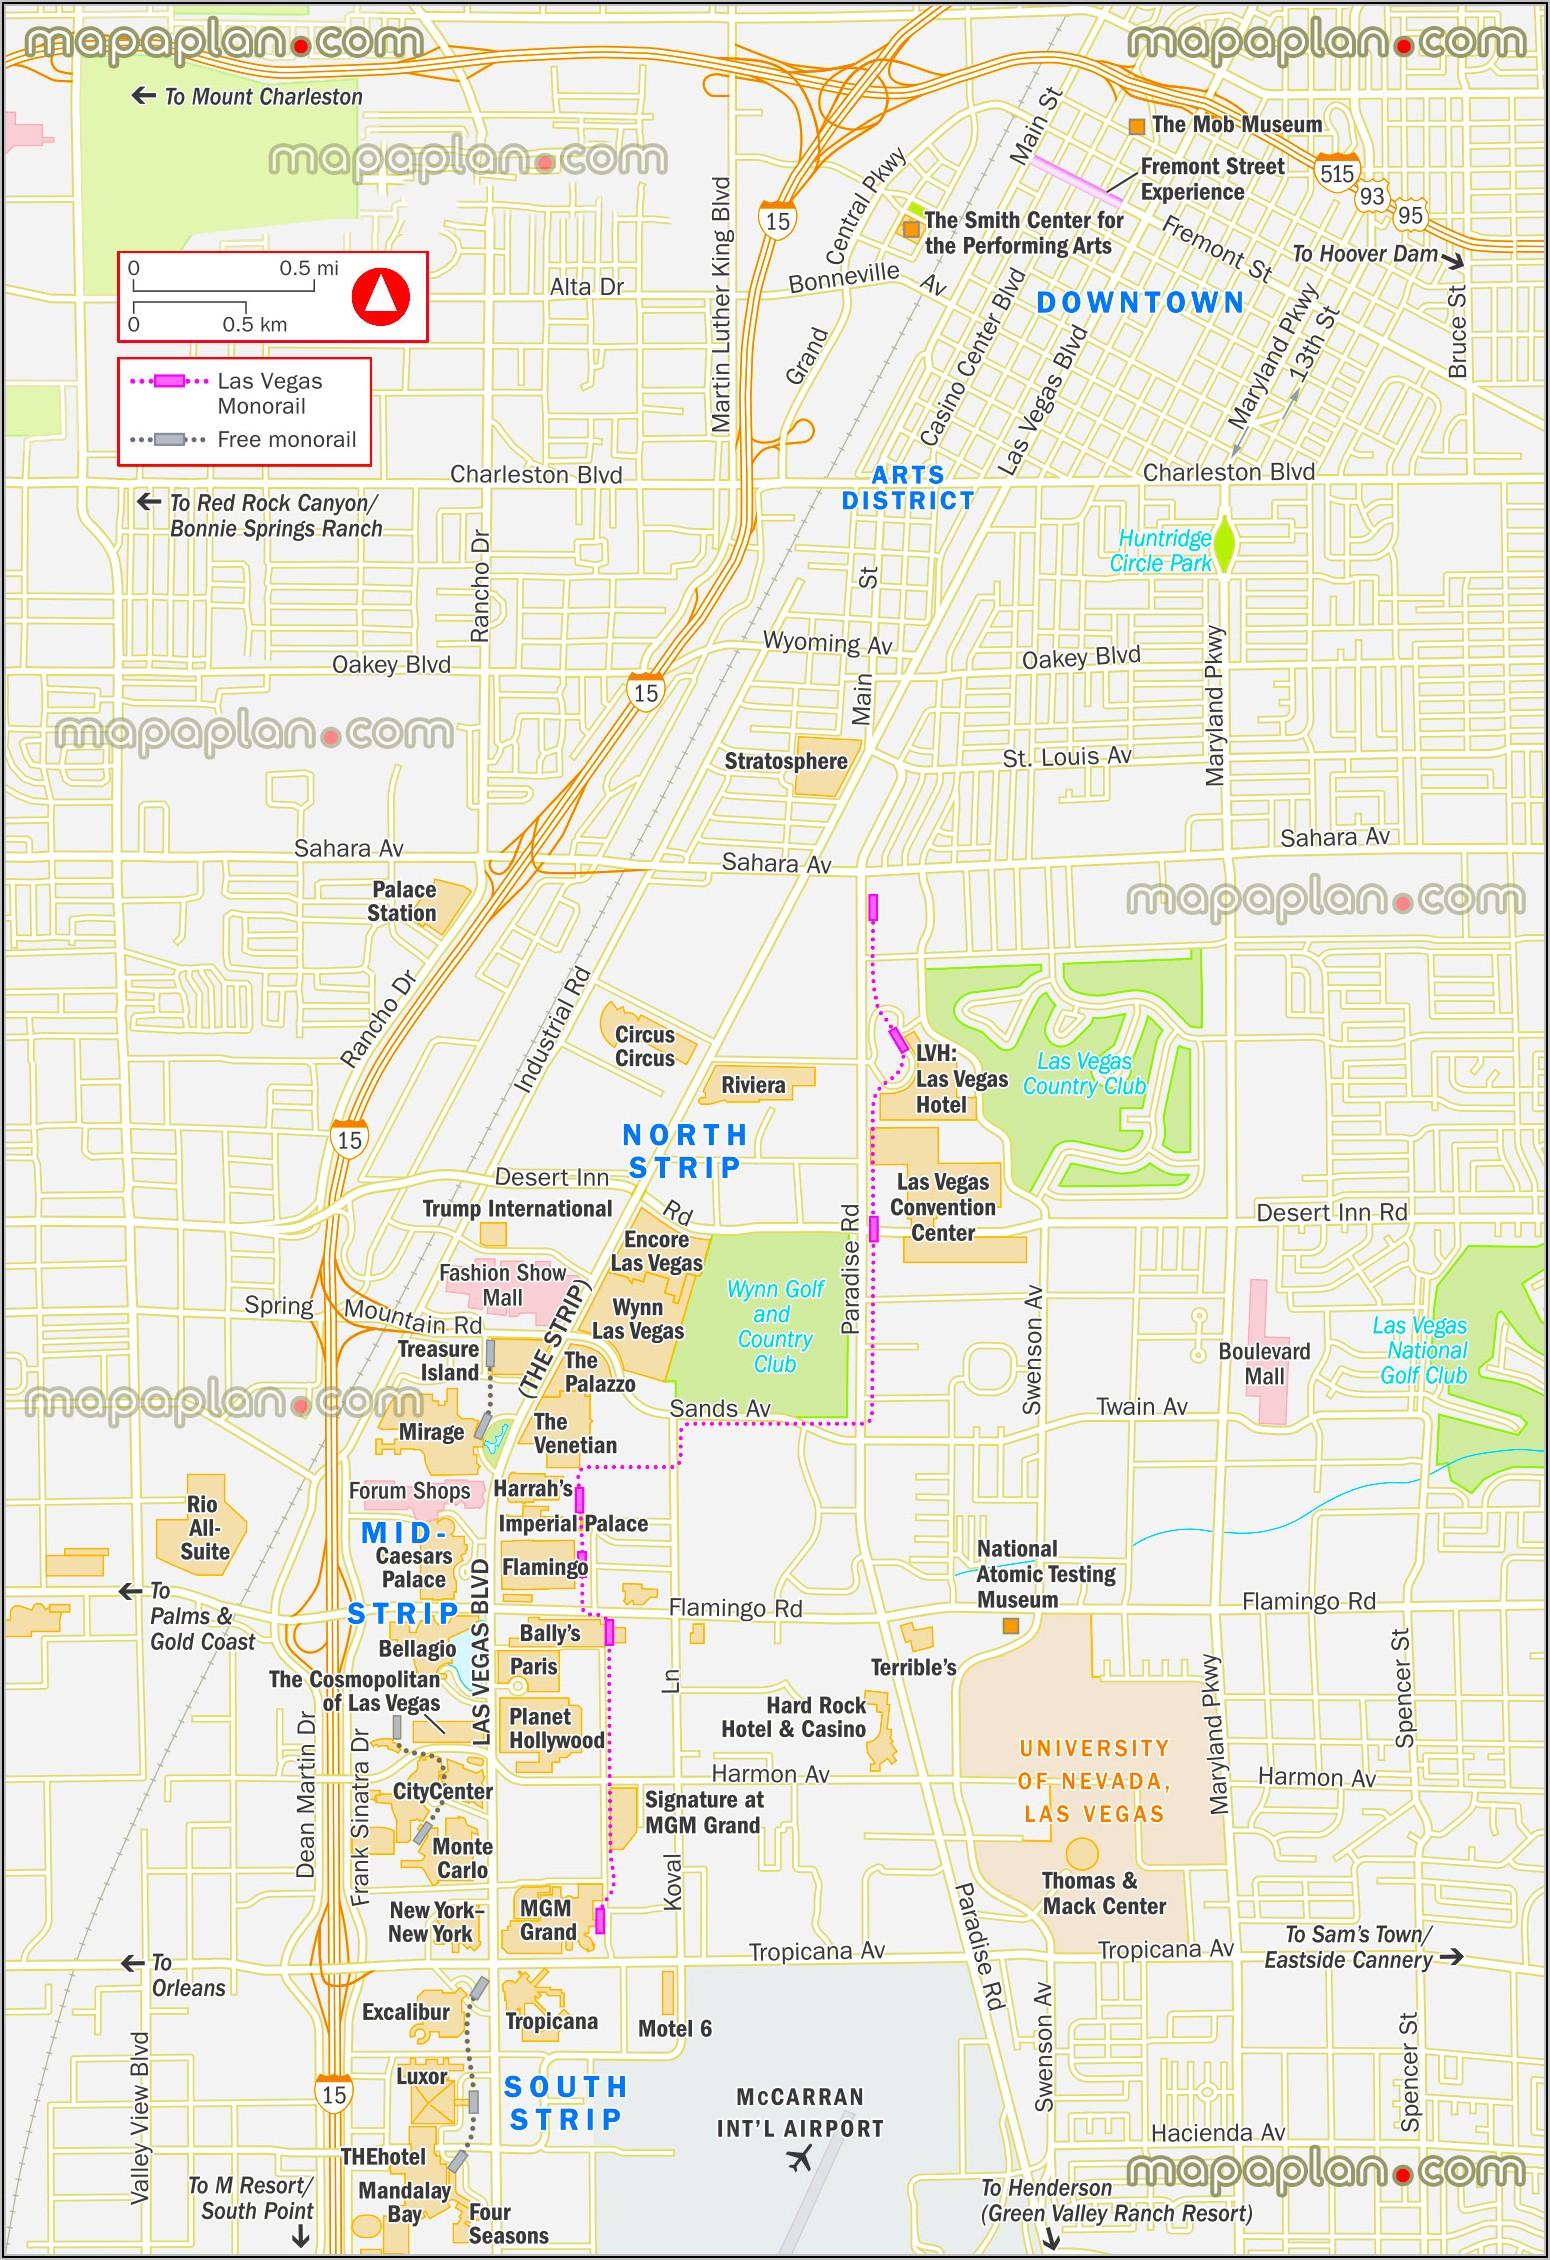 Las Vegas Free Monorail Map